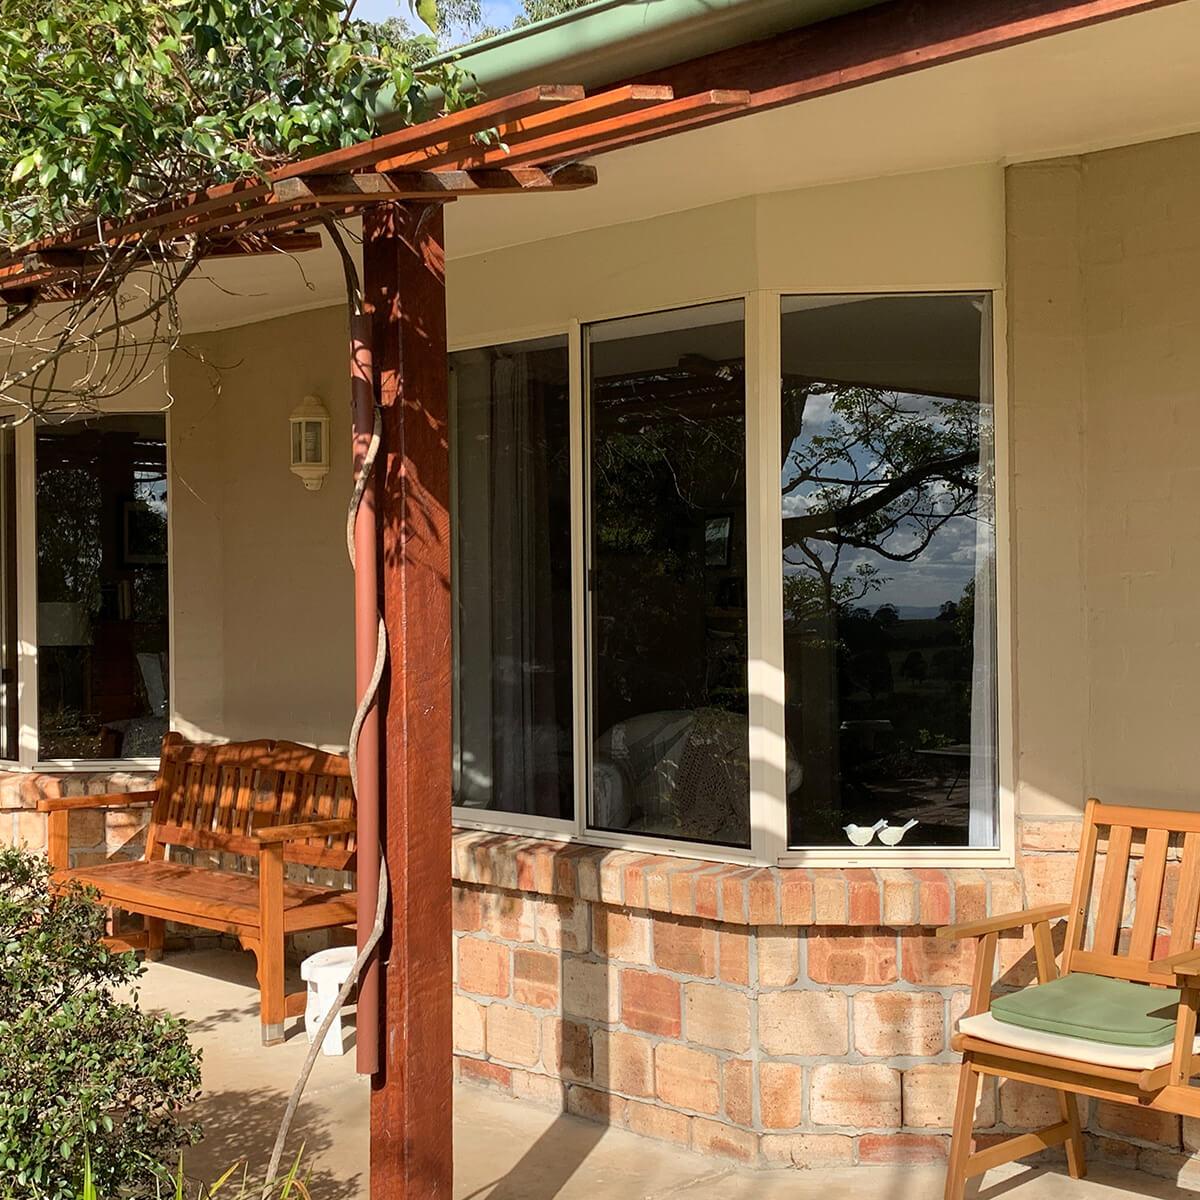 wren-room-exterior